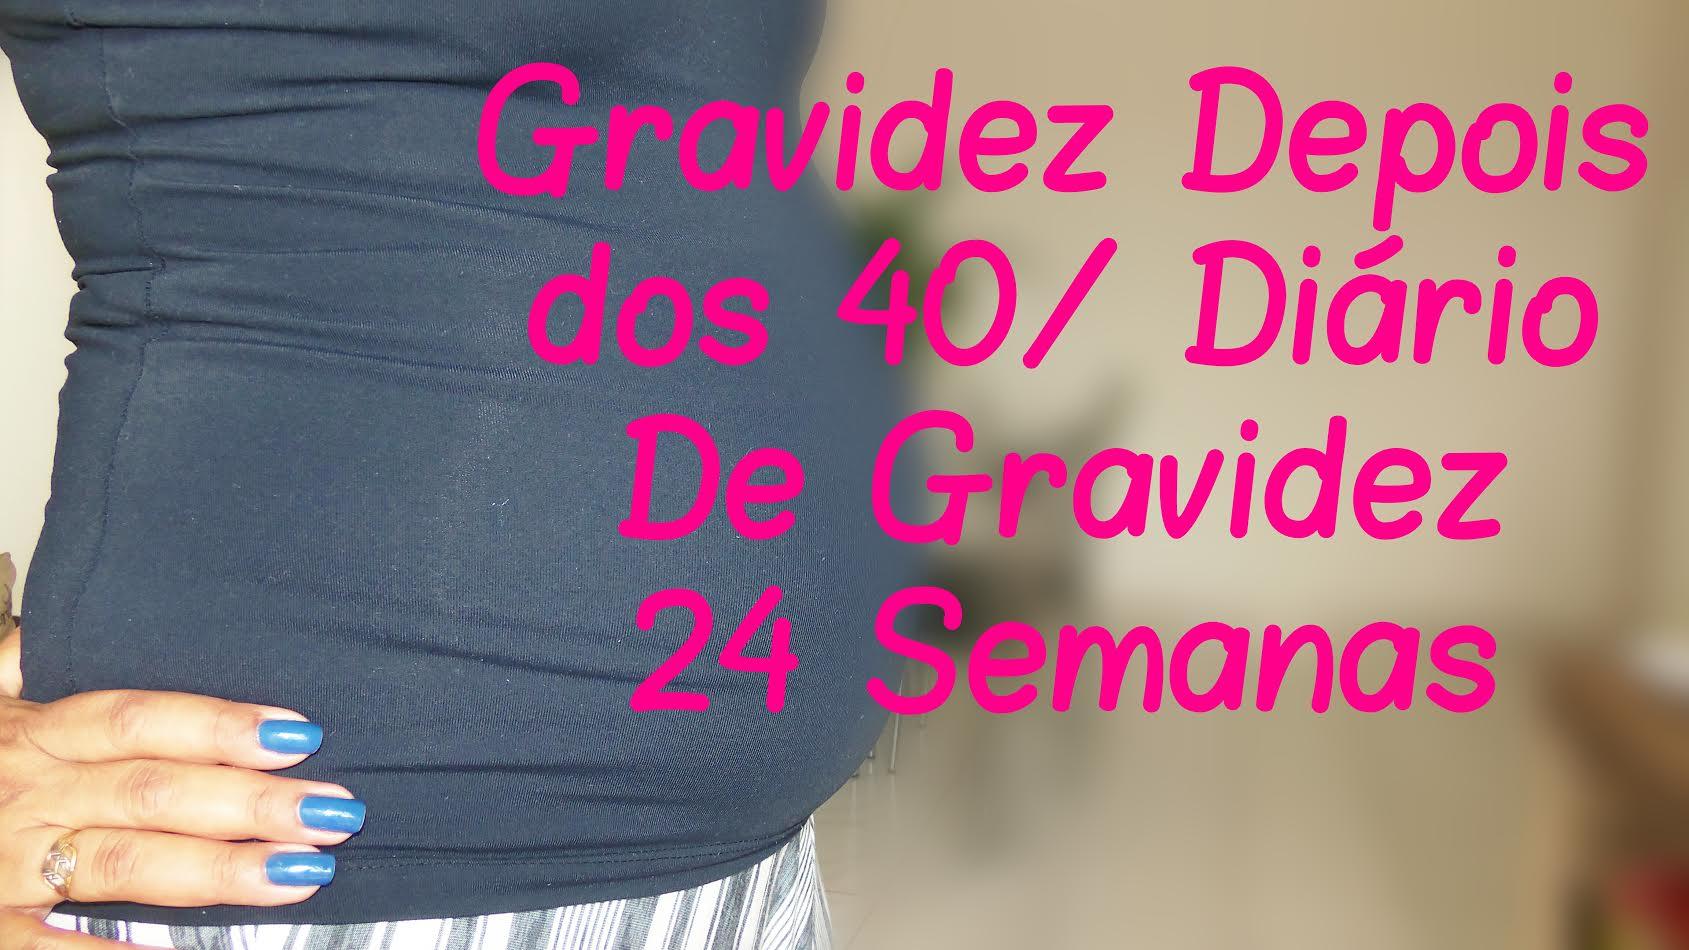 Gravidez Depois dos 40 | Diário de Gravidez 22 a 24 Semanas